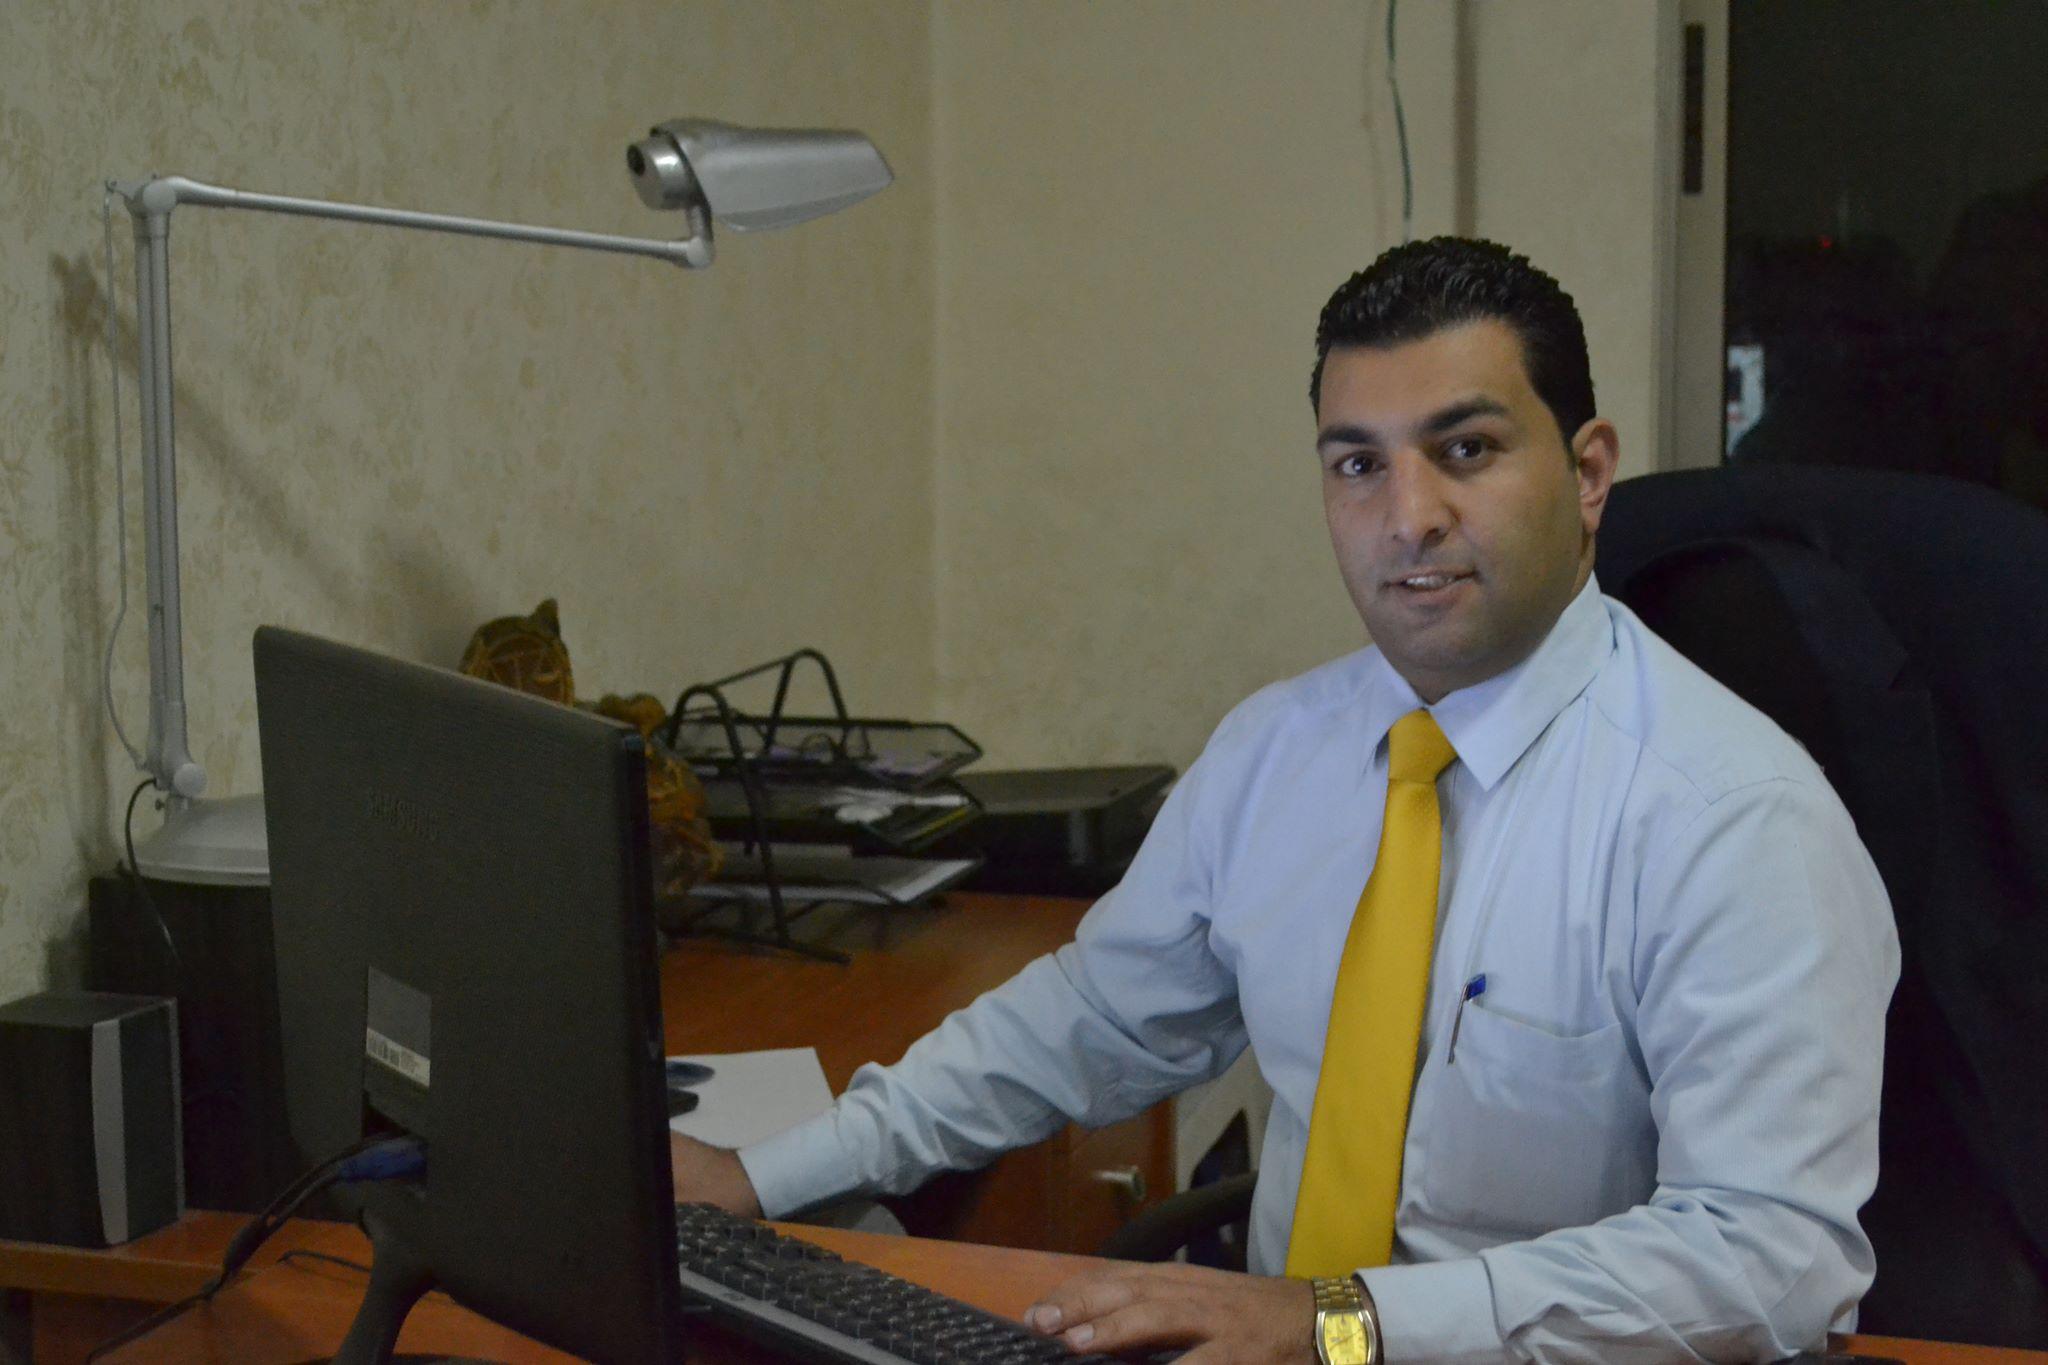 الاعلامي العياصرة : تطبيق شرق بوابة اردنية نحو صحافة مهنية